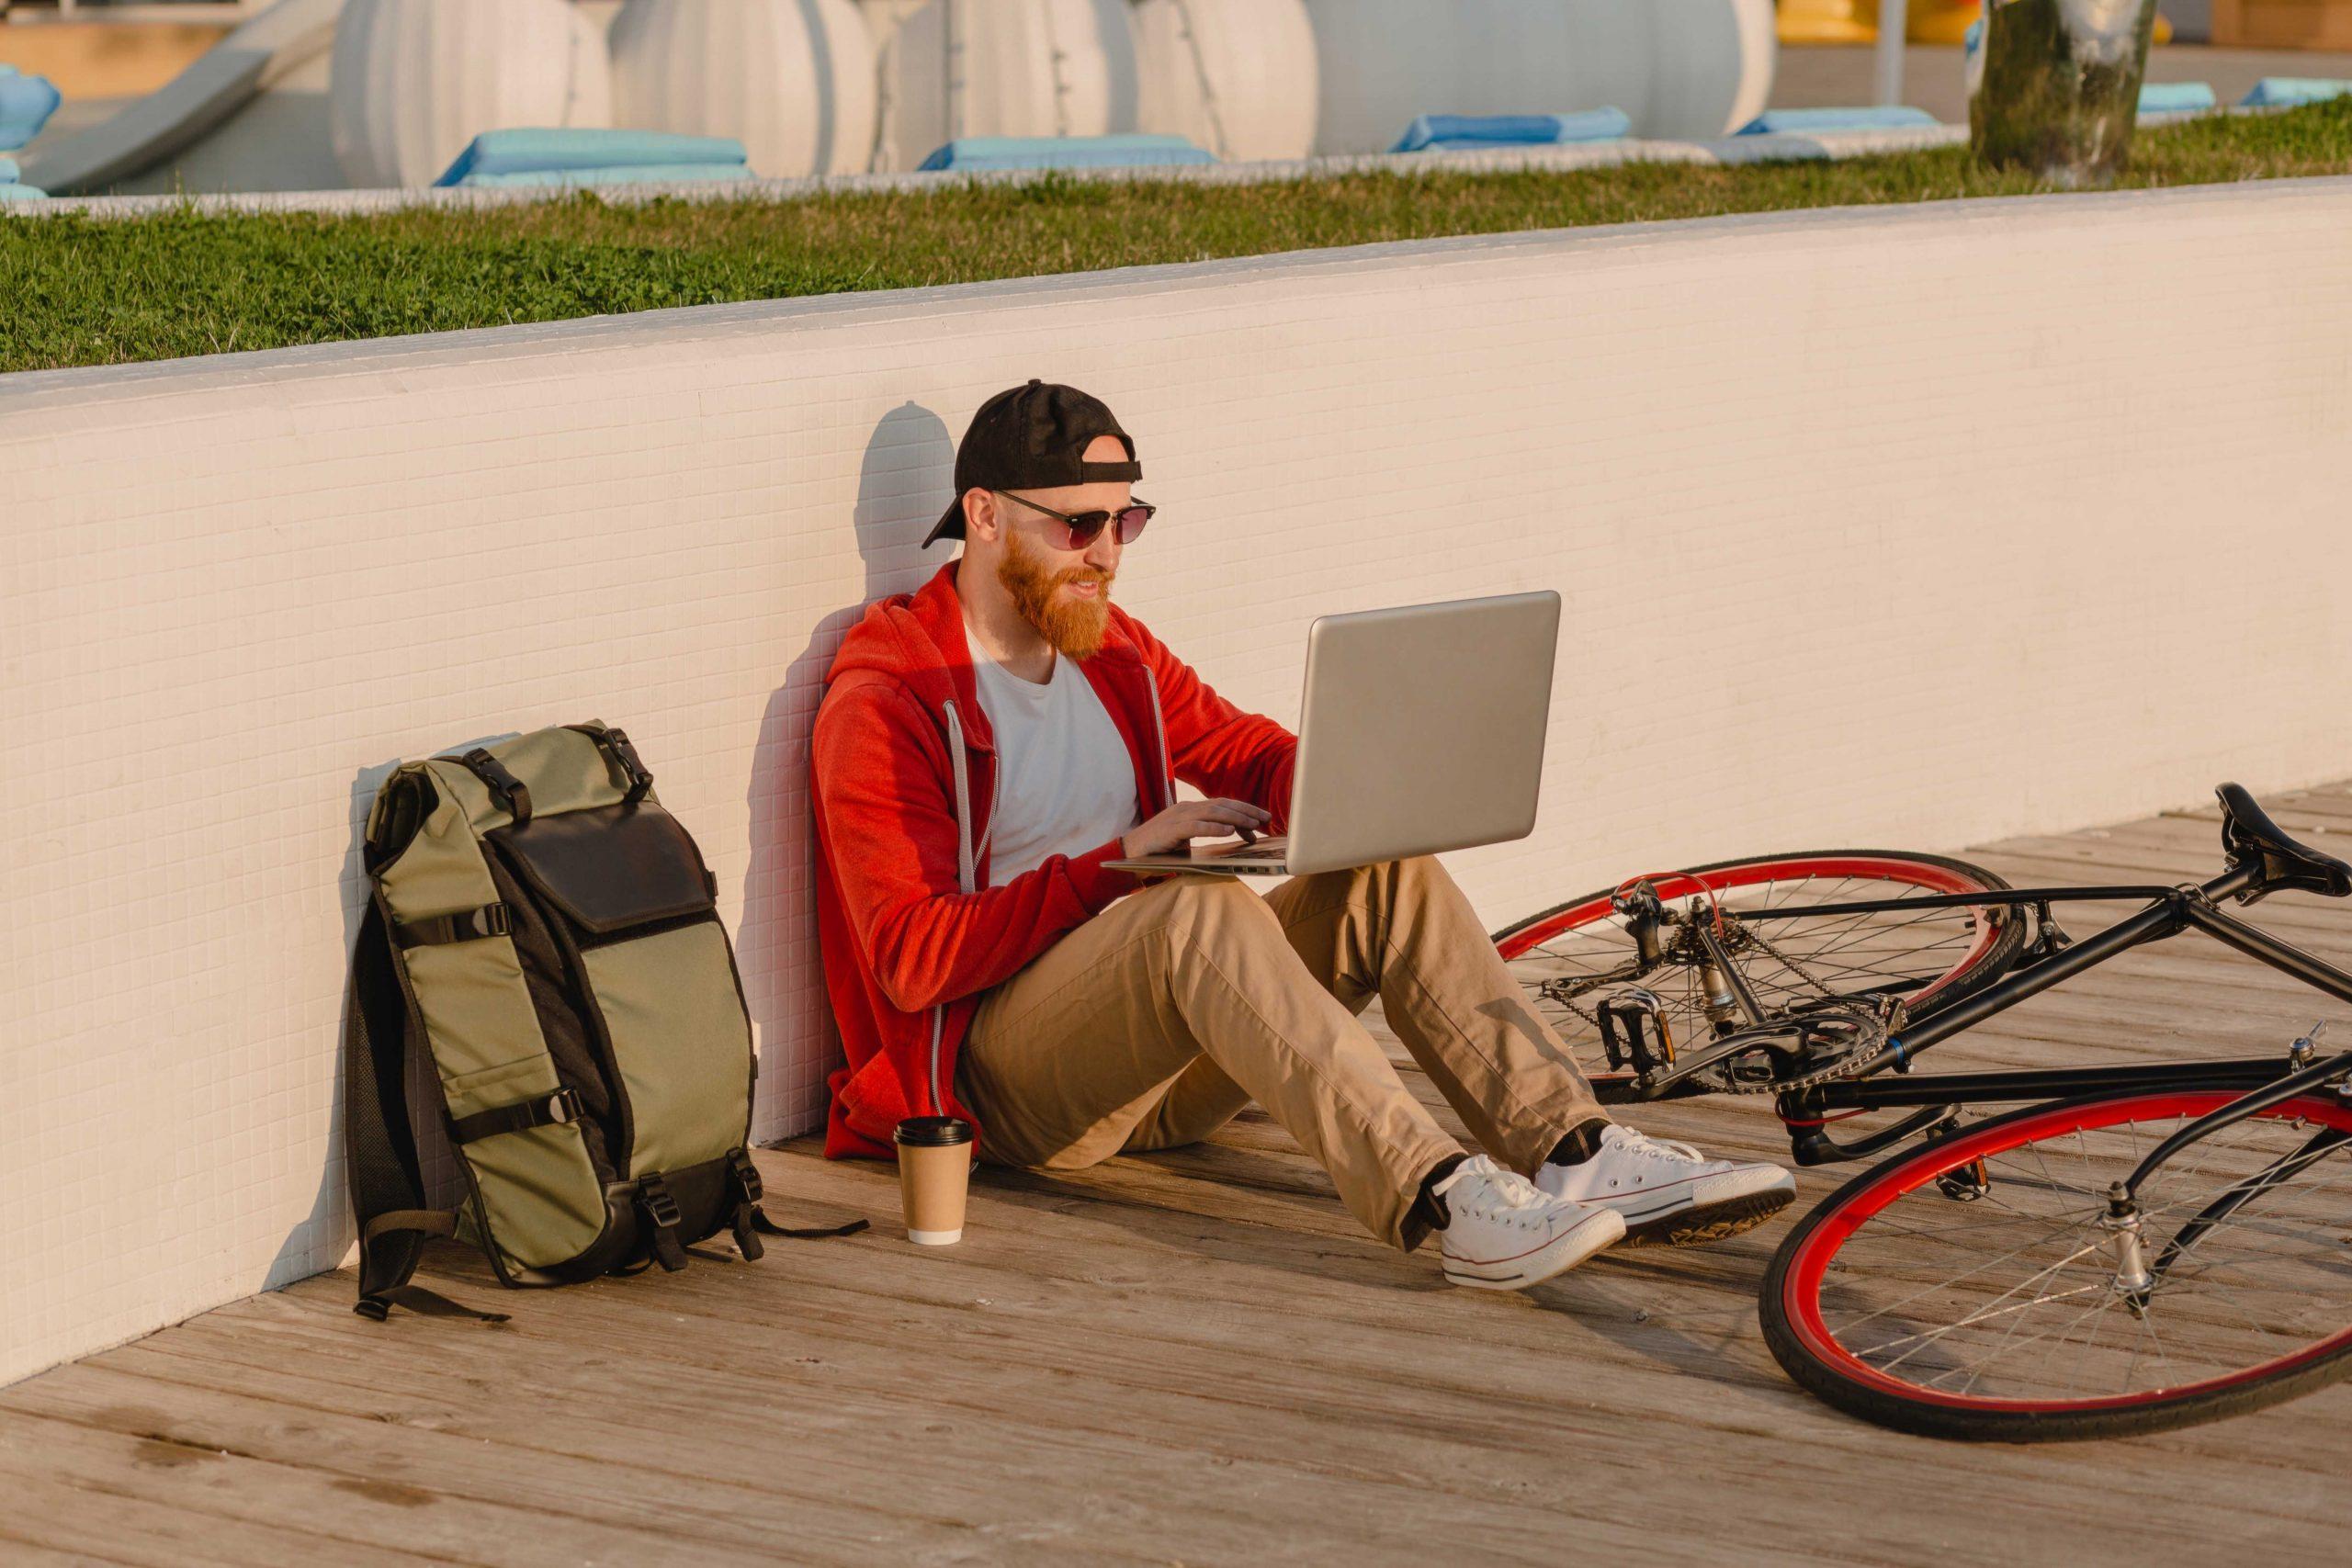 Afiliado profesional: un trabajo desde casa con mucha demanda, según revisionesdecursosonline.com